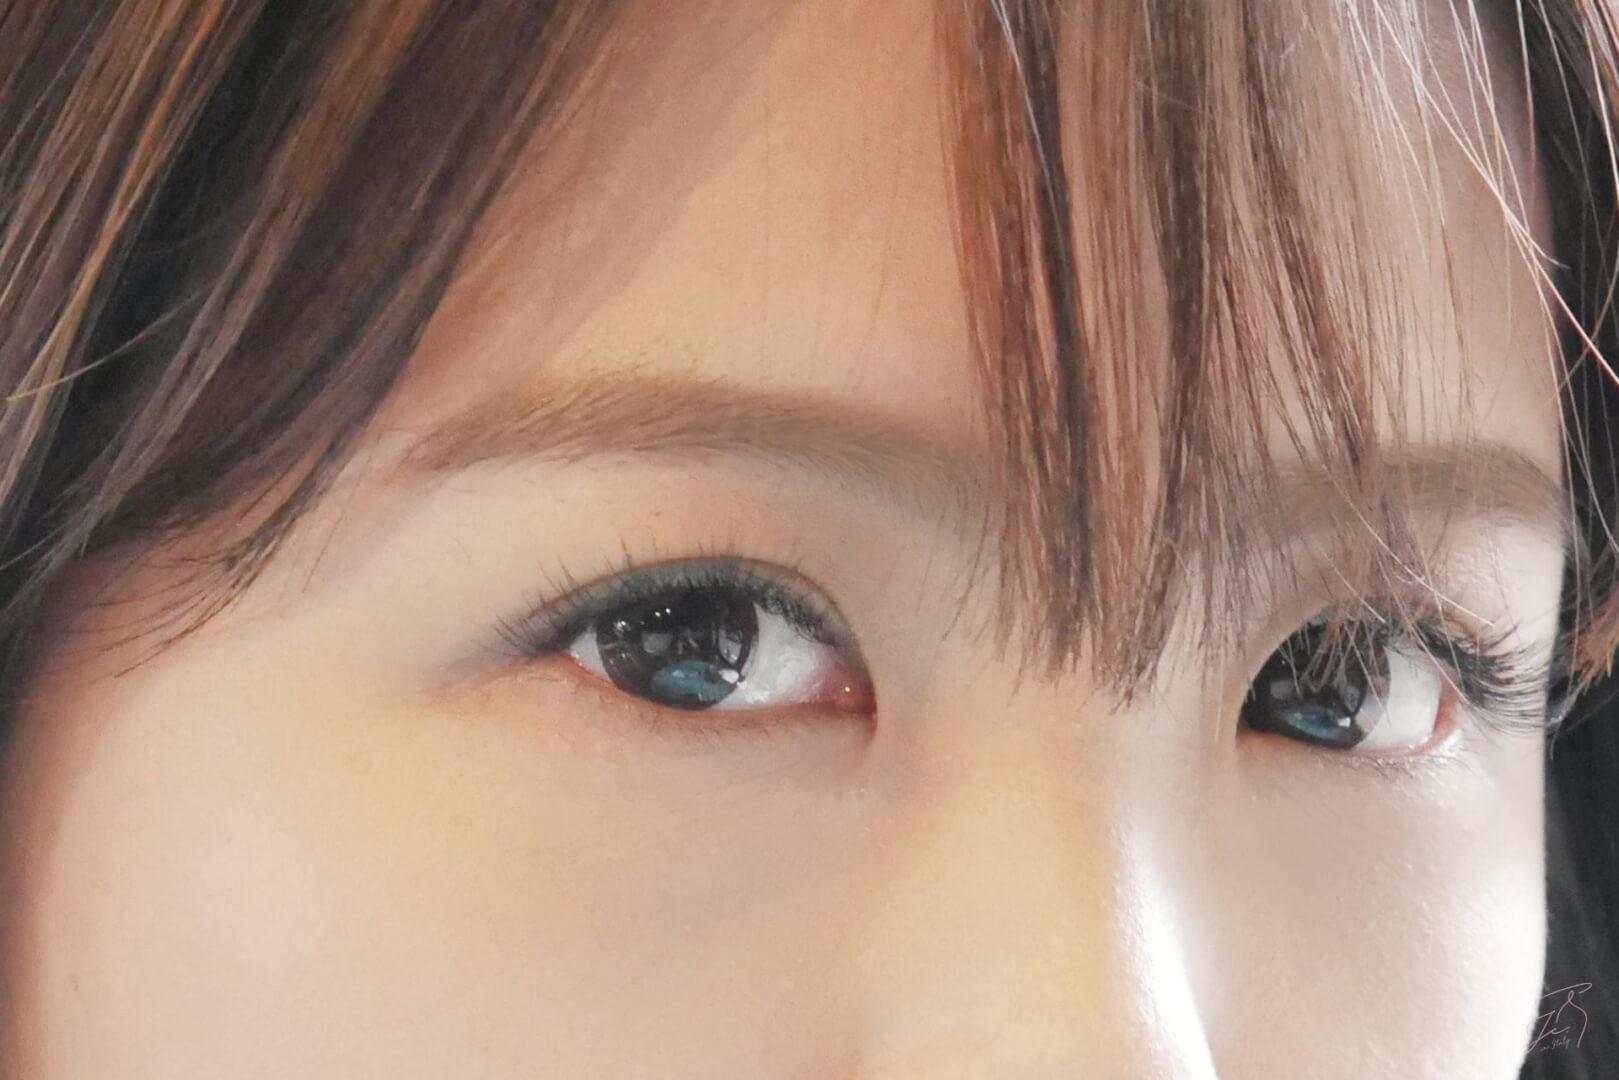 接睫毛推薦微濃設計款自帶妝感實際文章介紹 台北中山區IA專業美睫設計